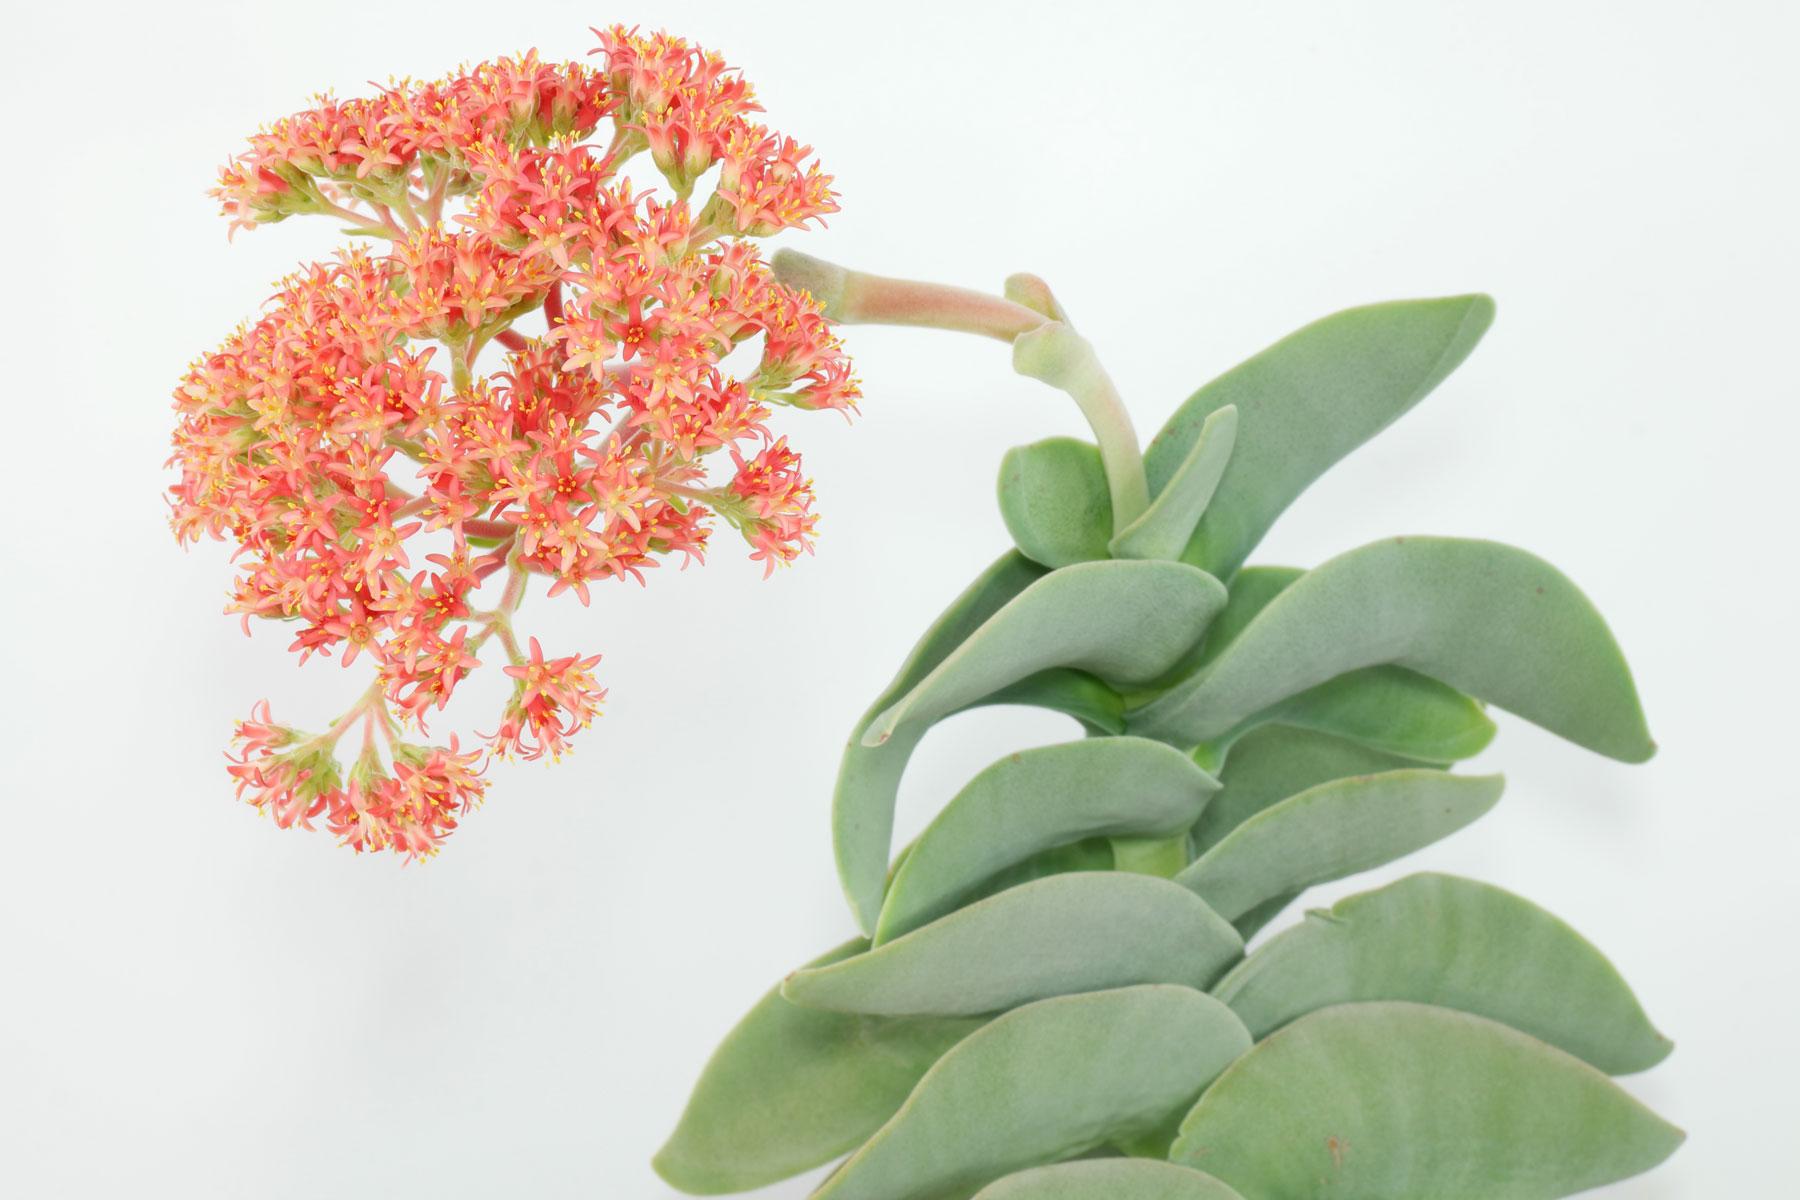 Propellepflanze Blüten